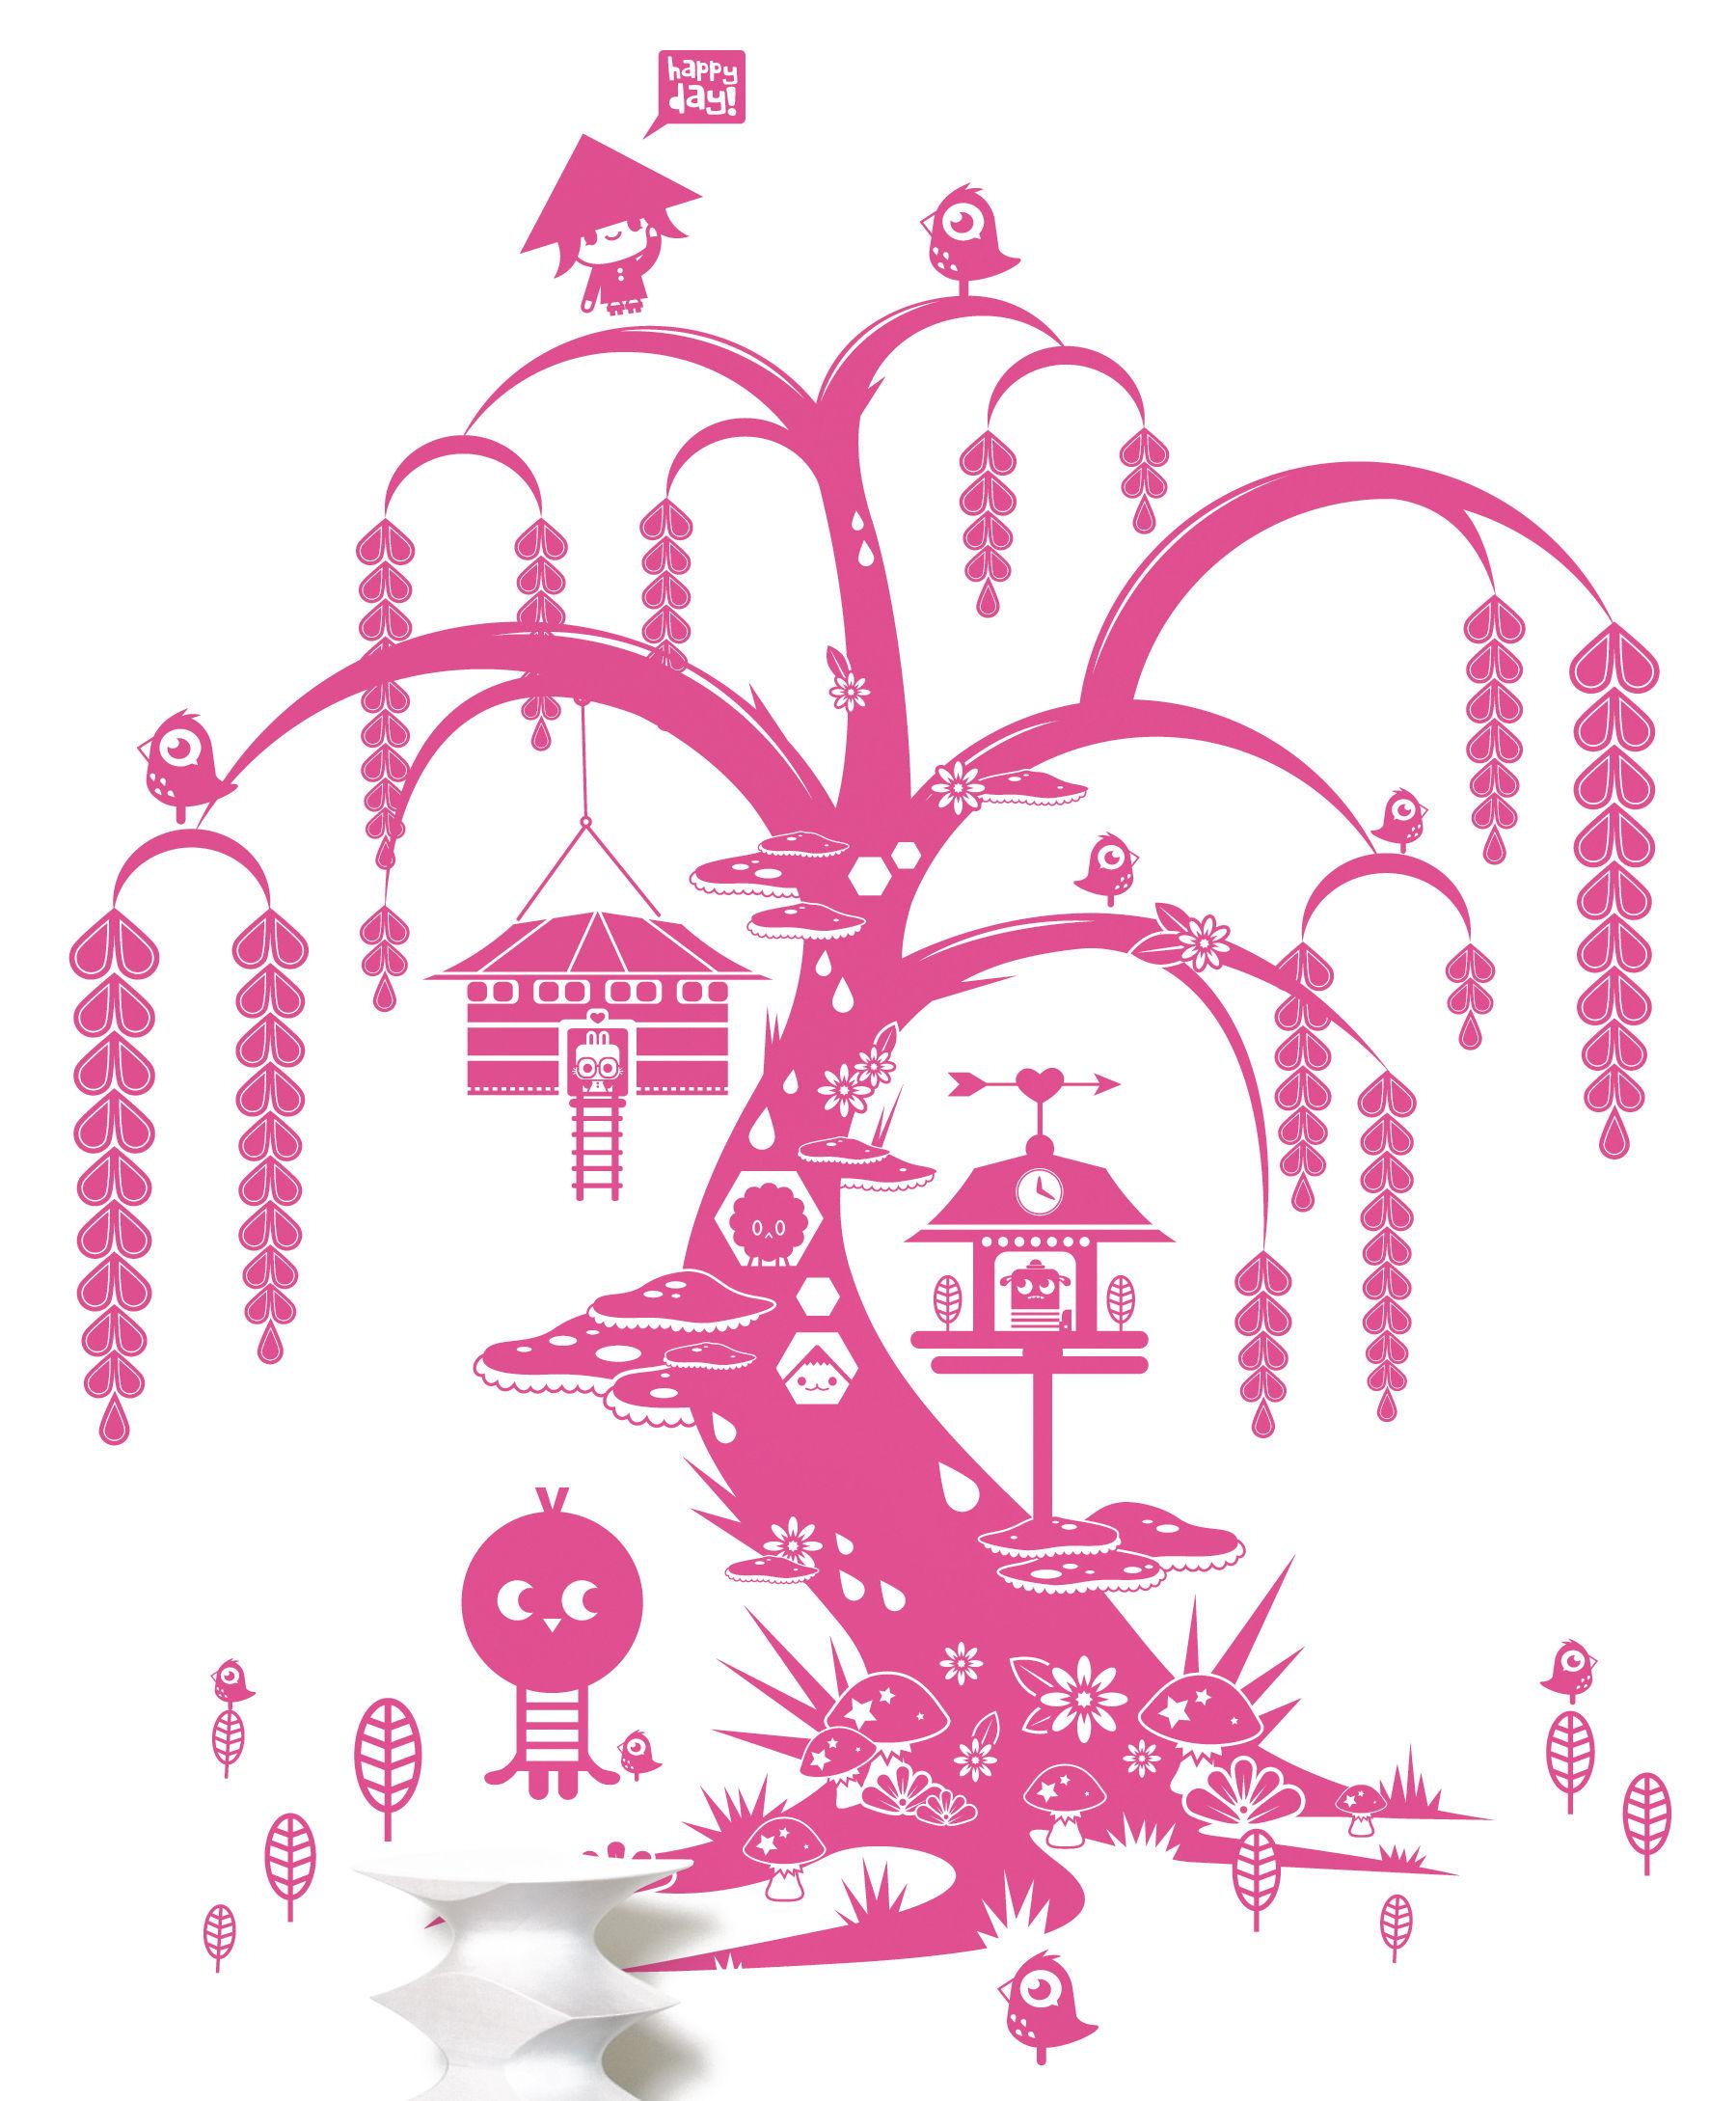 Dekoration - Stickers und Tapeten - Willow tree Sticker - Domestic - Rosa - Vinyl